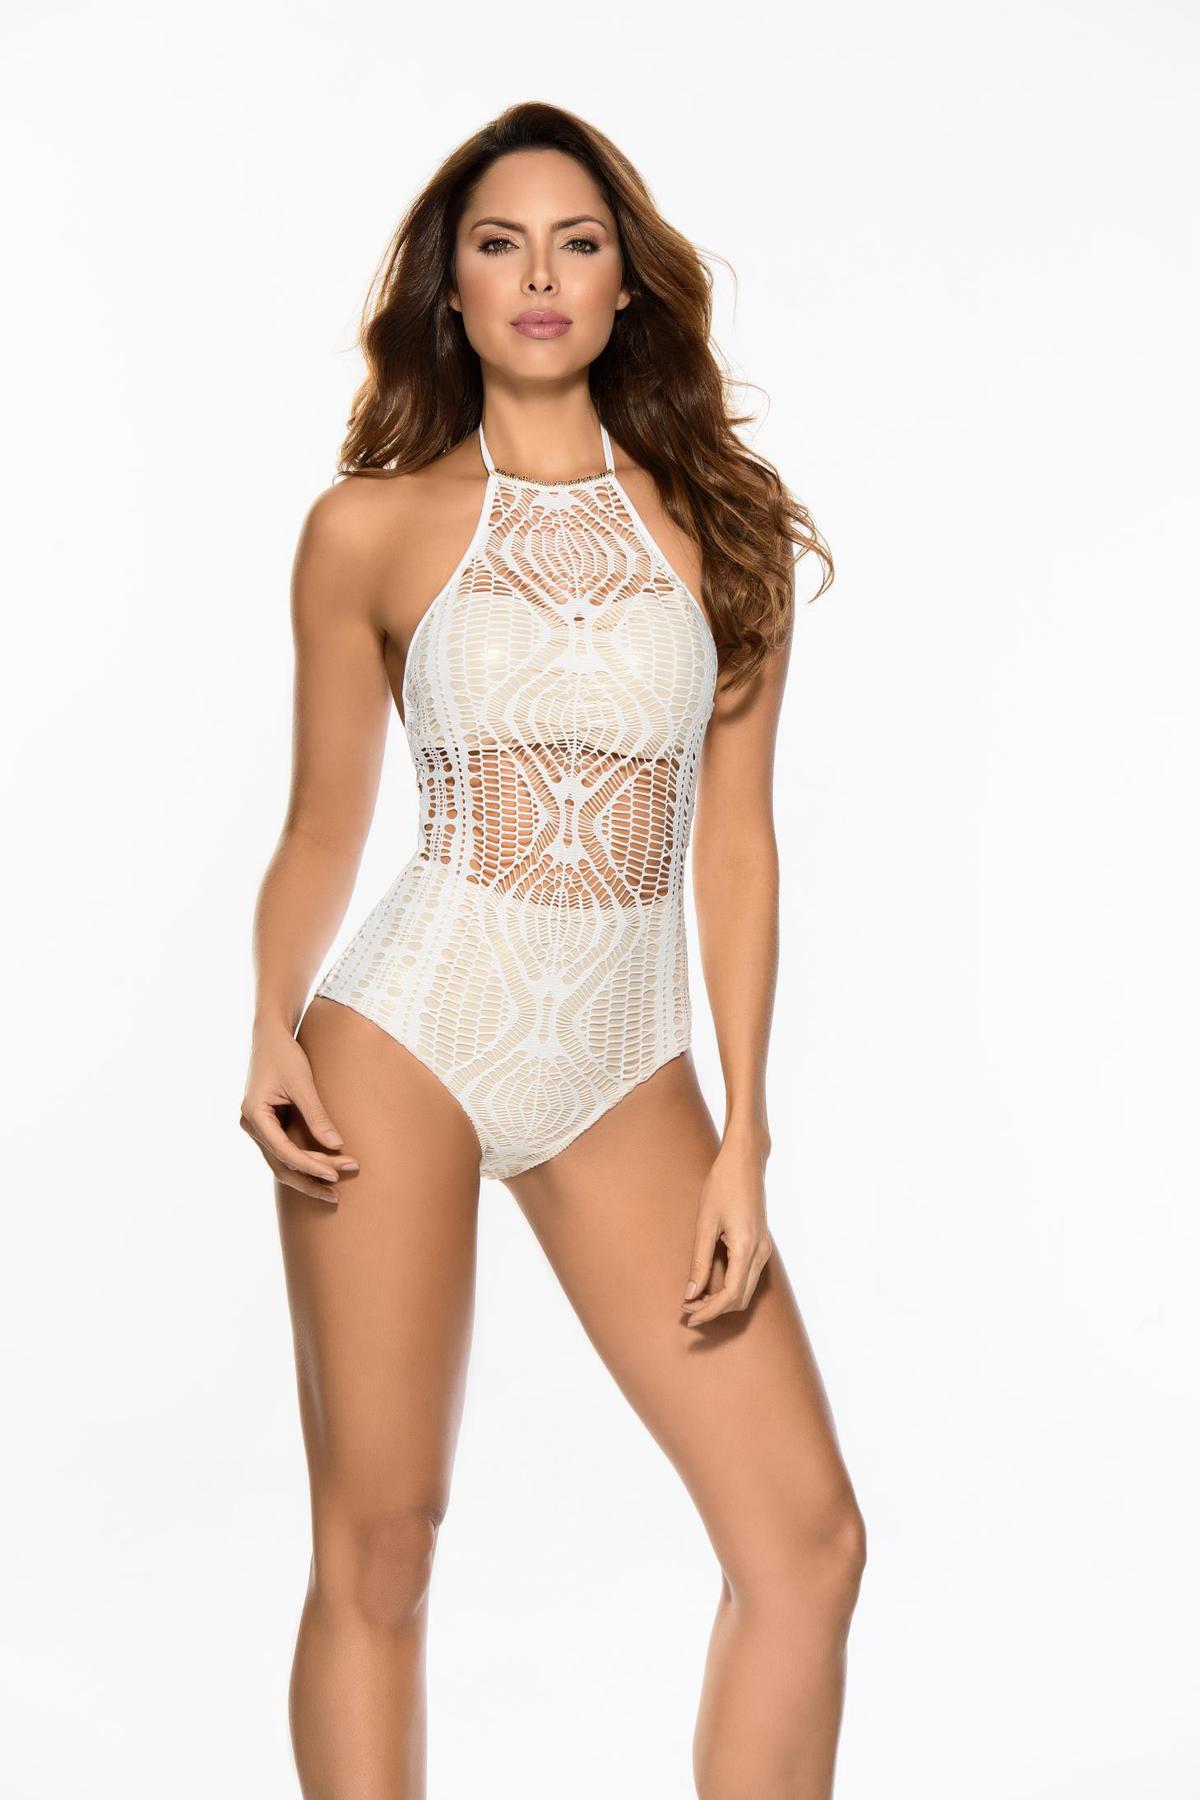 Costum de baie Cosita Linda nude de lux intreg din dantela tricotata cu spatele gol